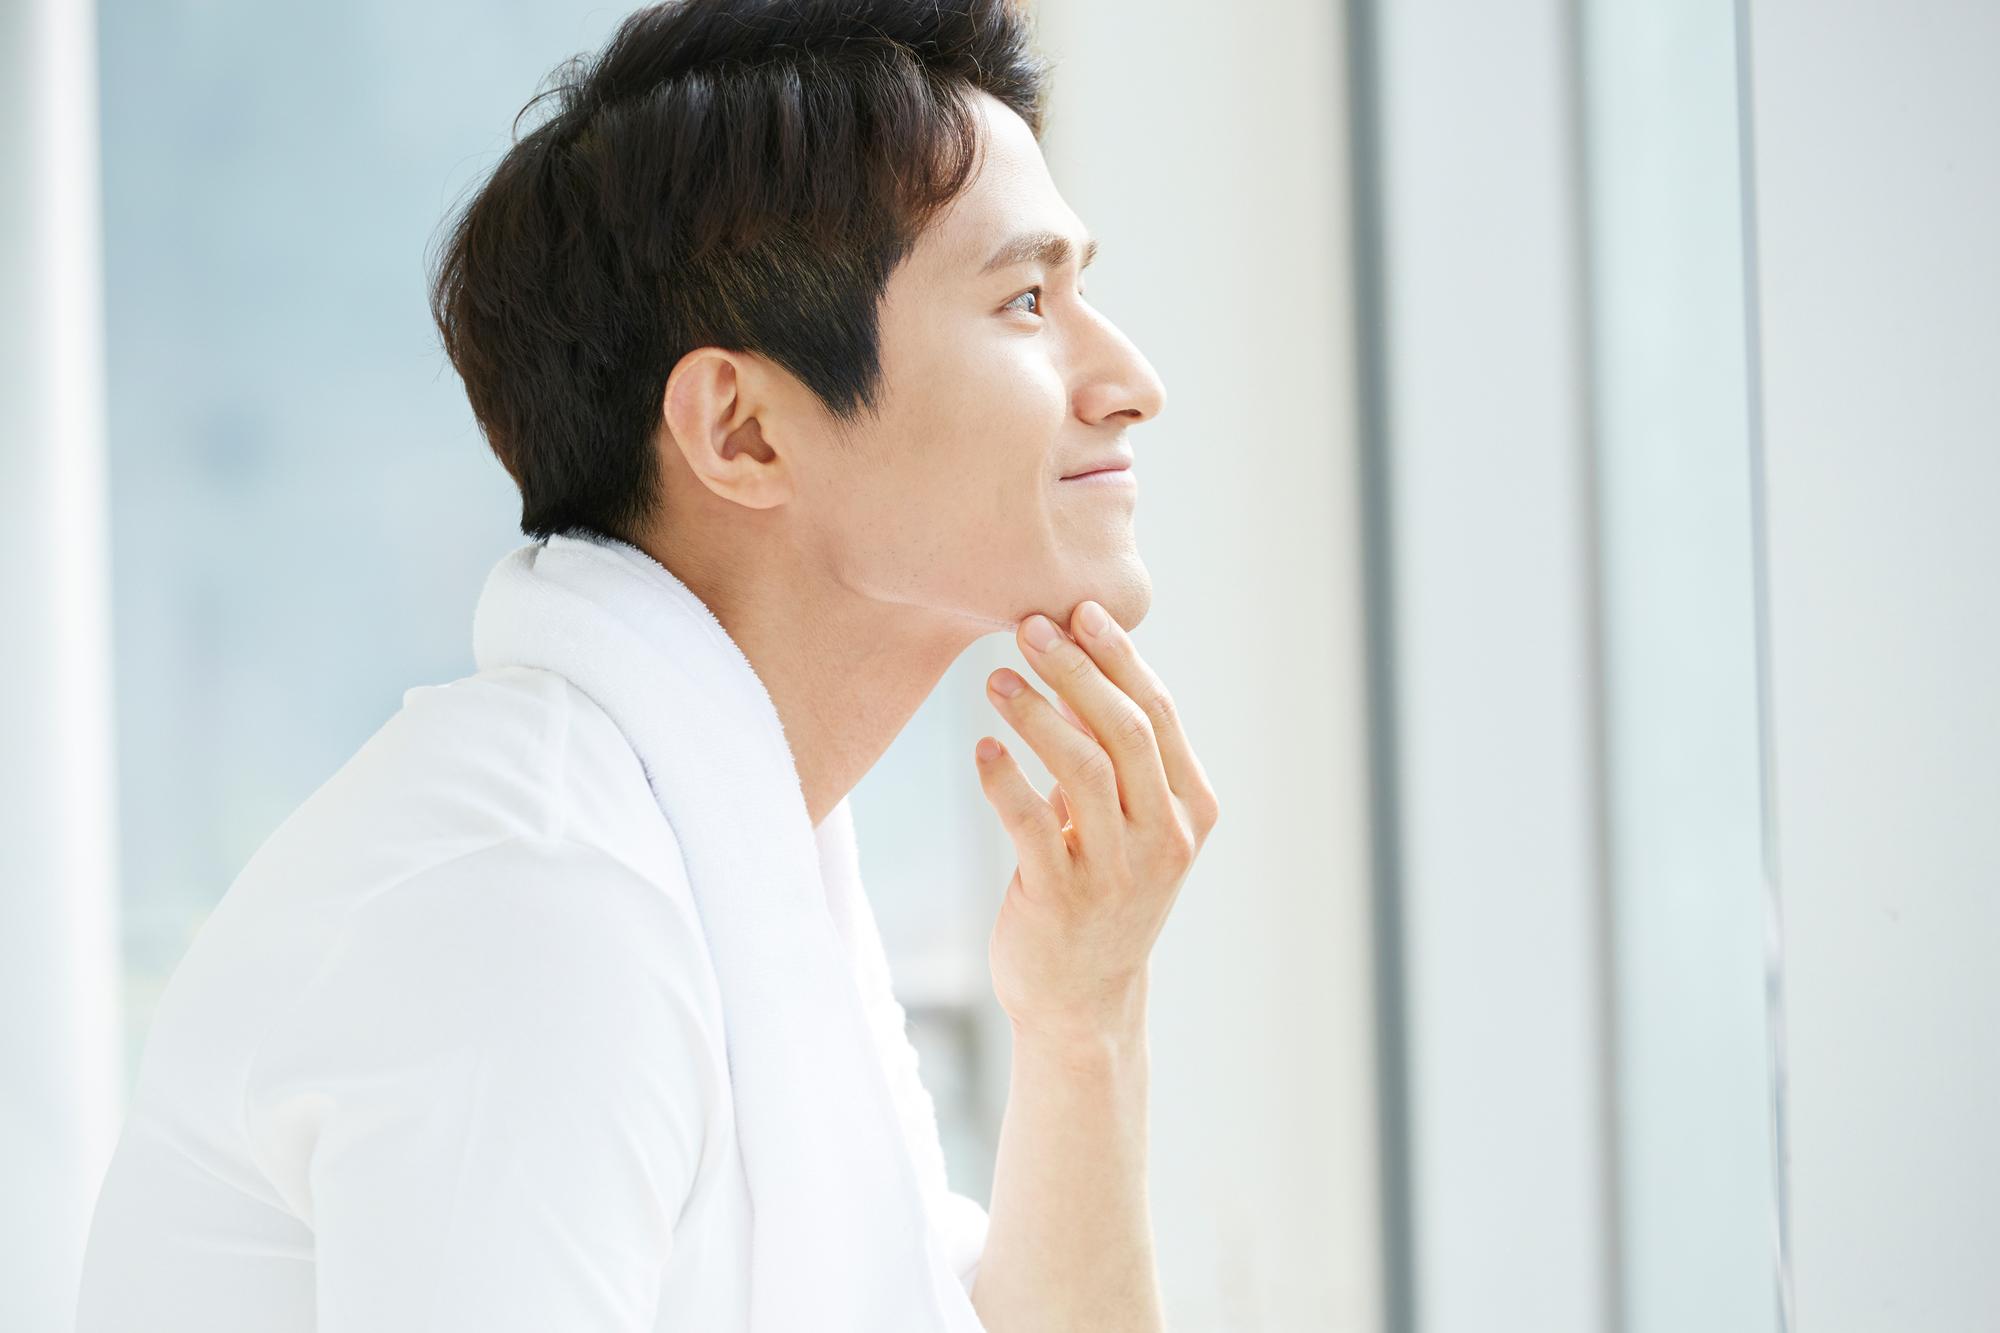 【医師監修】男性の乾燥肌は何が原因?日常生活で意識したい対策を紹介